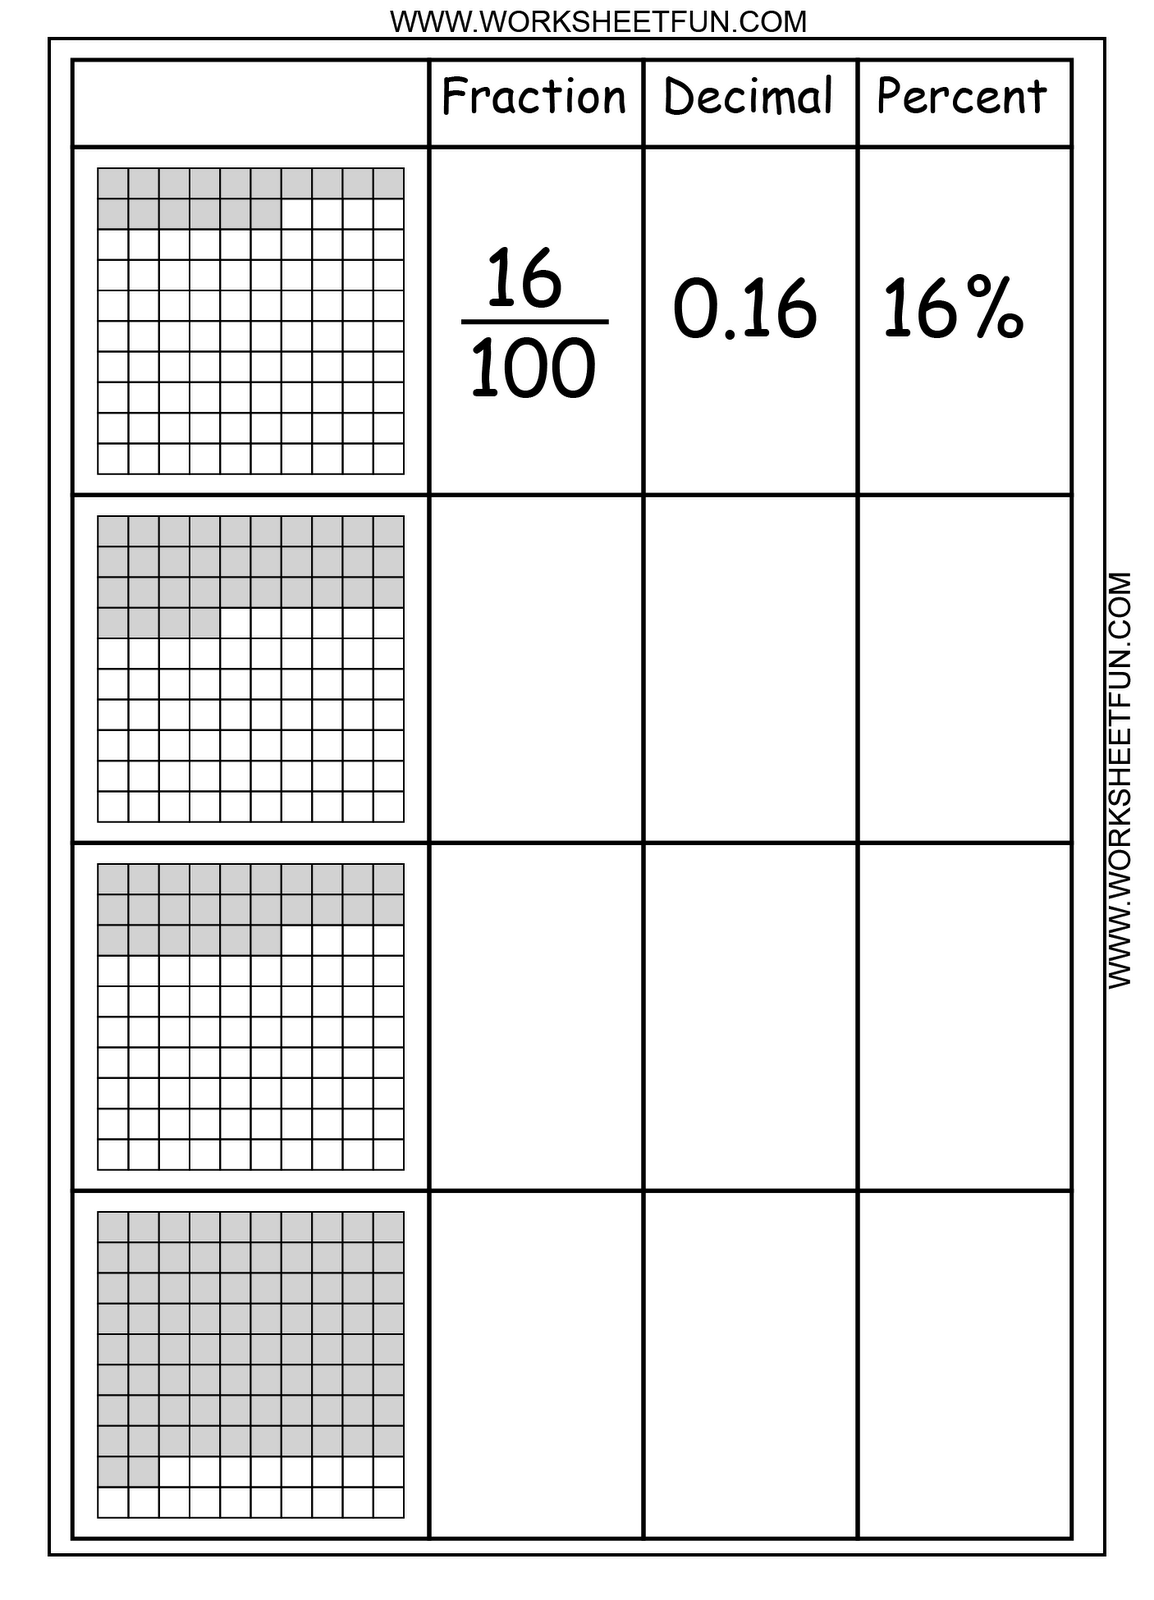 Worksheetfun - FREE PRINTABLE WORKSHEETS   Math fractions [ 1600 x 1154 Pixel ]